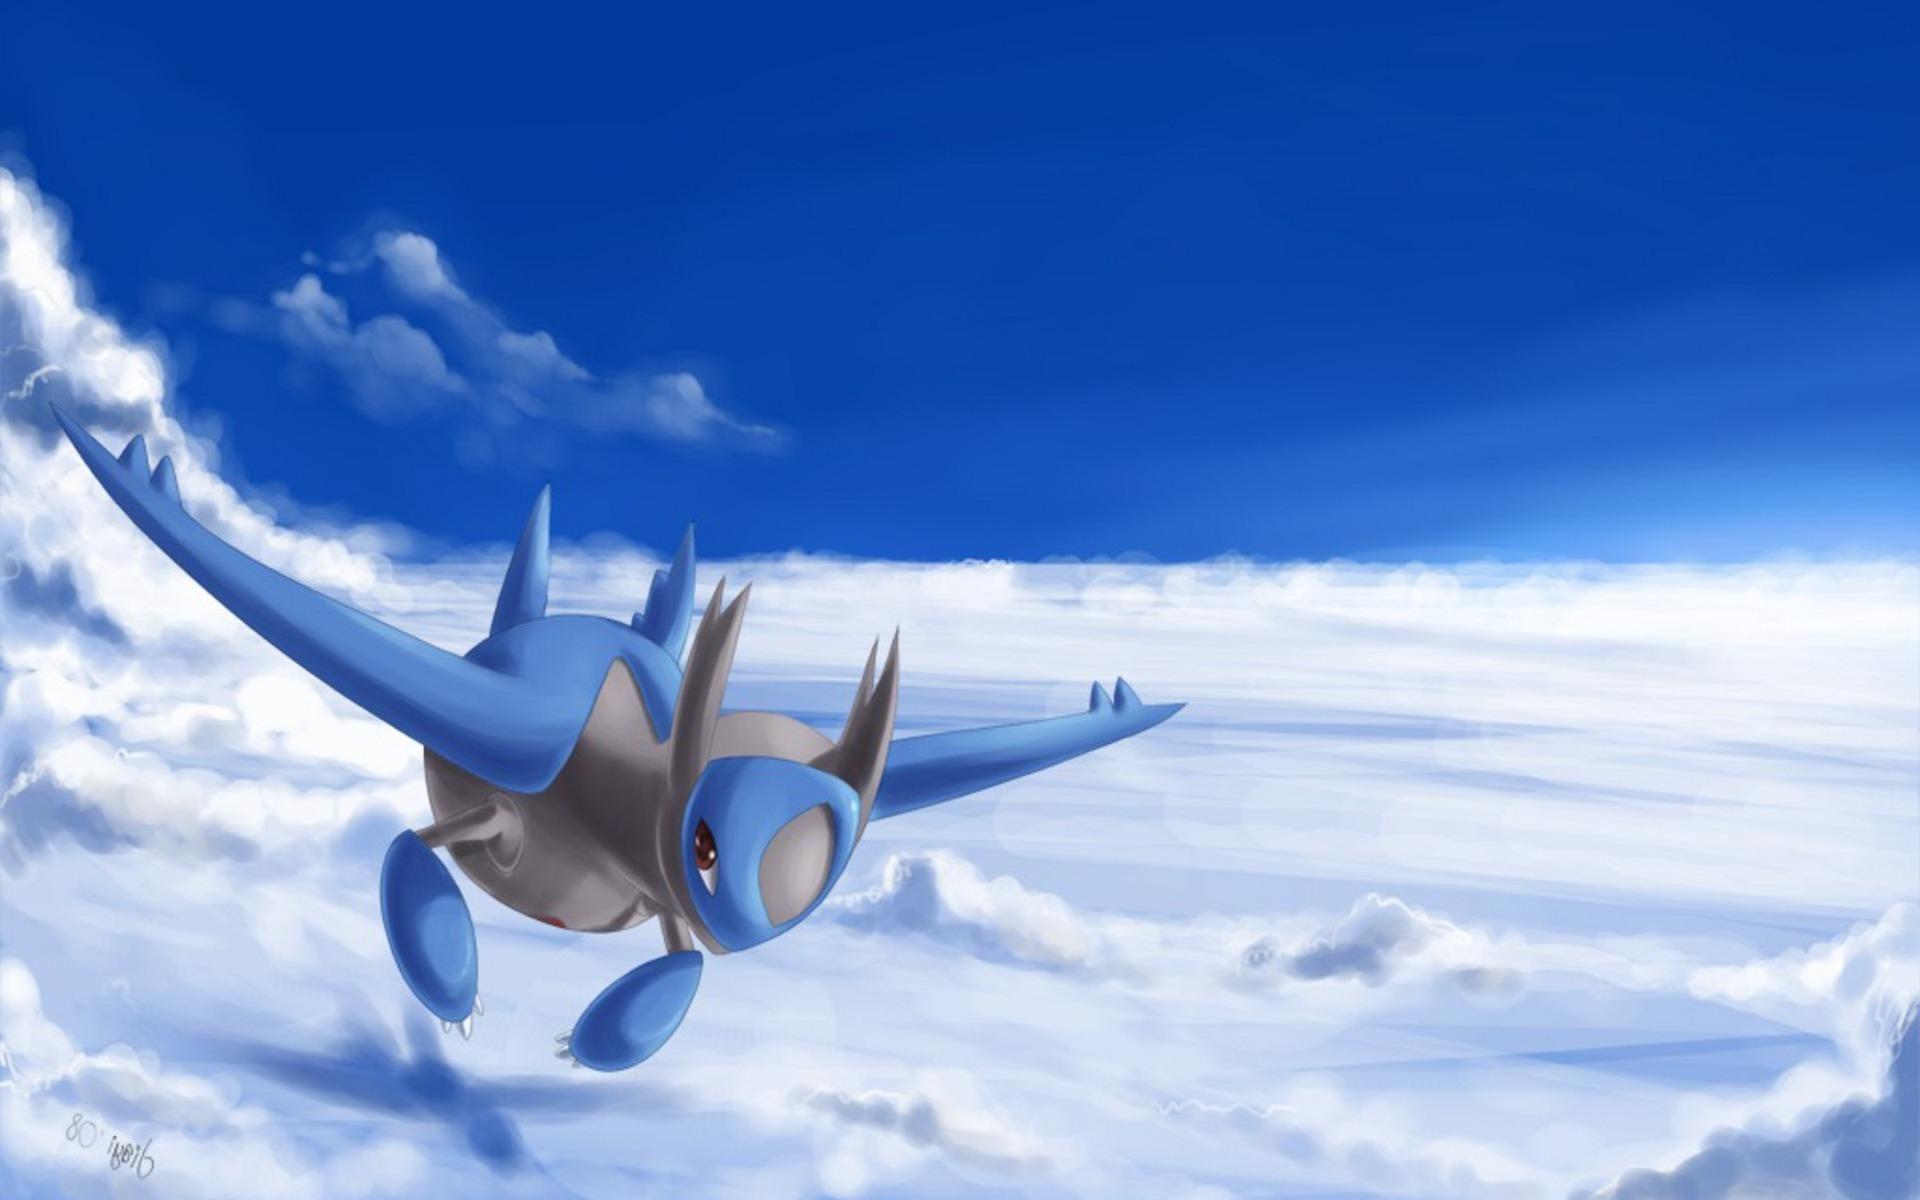 ¿Qué daño de base tiene un Cometa Draco de un Latios equipado con una vidaesfera?